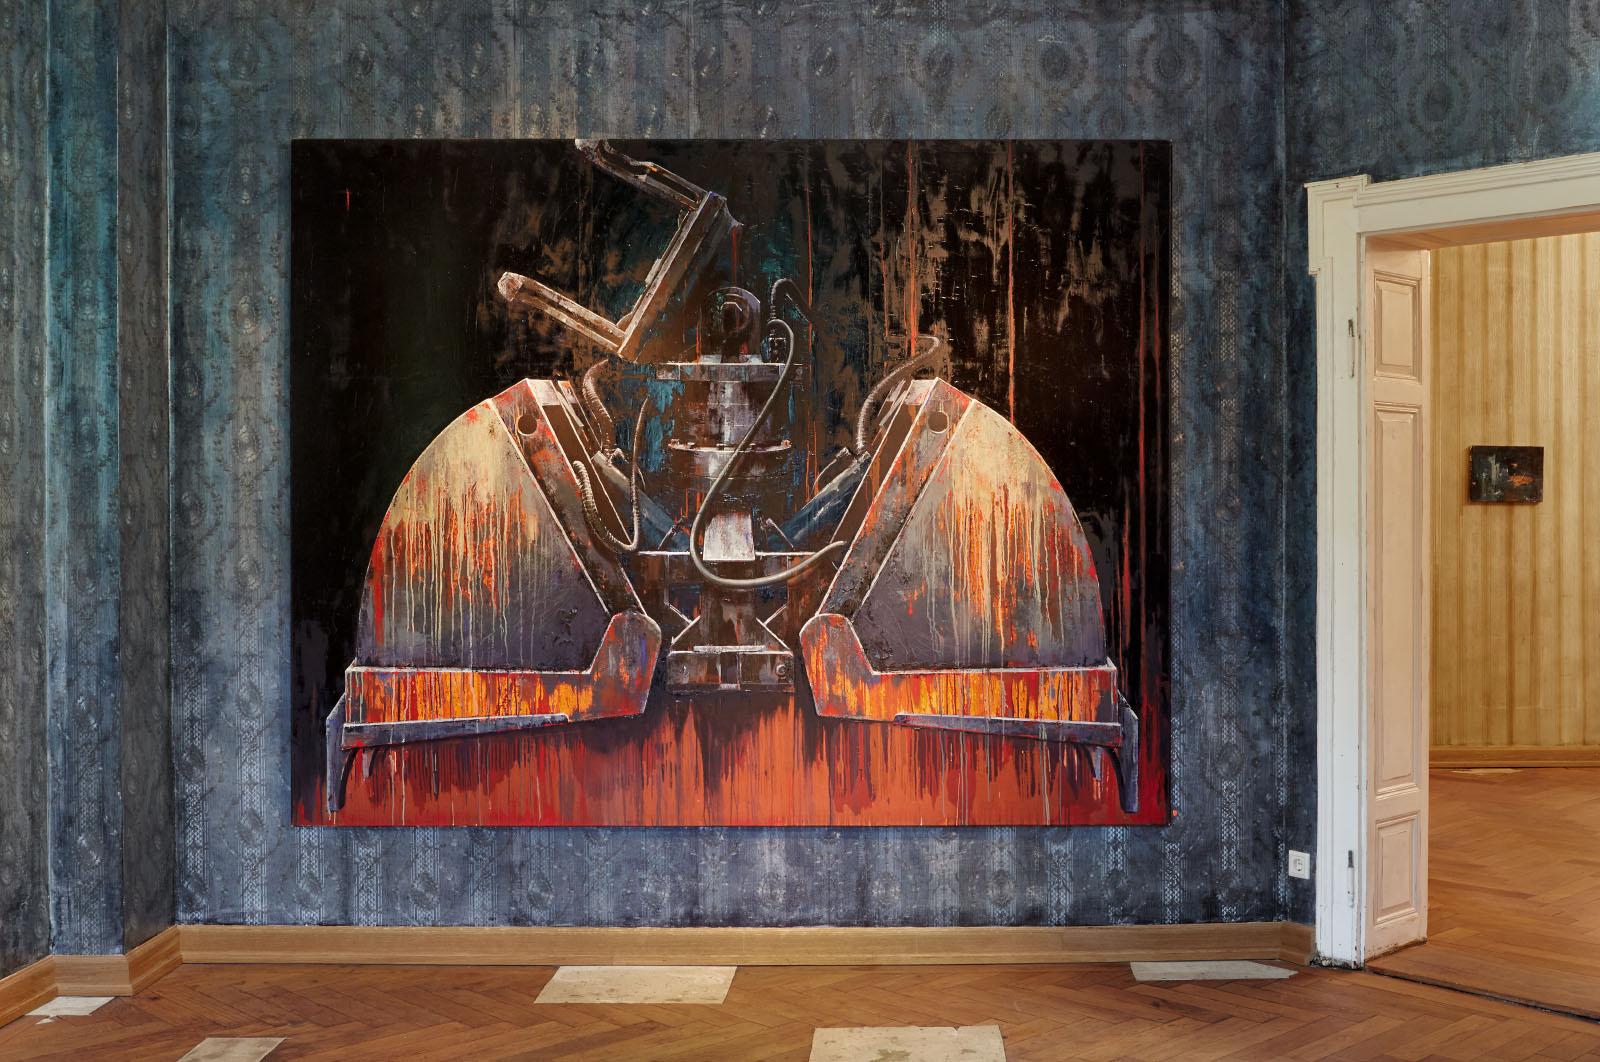 Installationsansicht aus der Einzelausstellung von Katrin Heichel